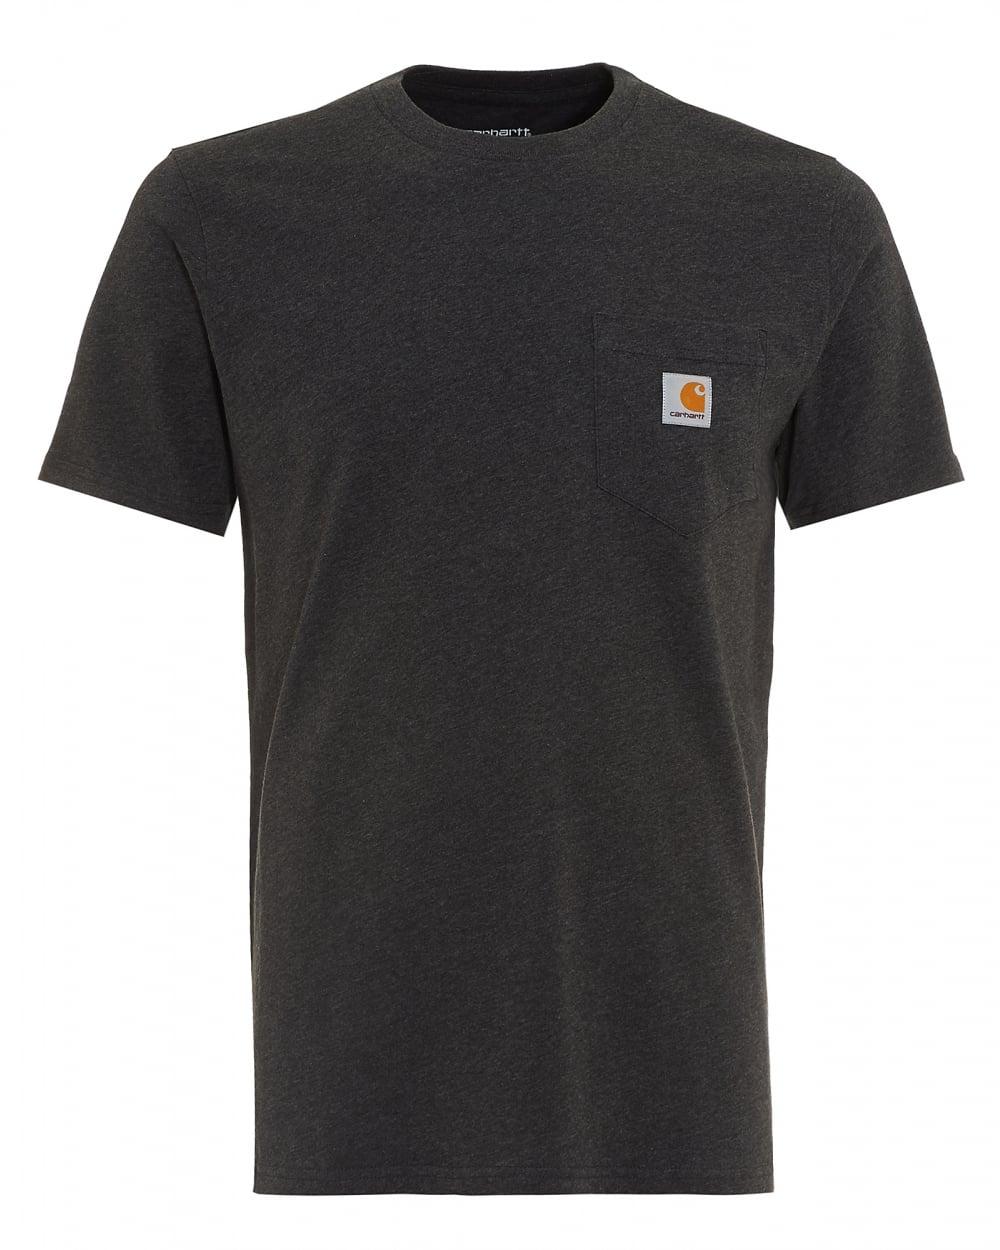 Carhartt Mens T Shirt Pocket Logo Black Tee